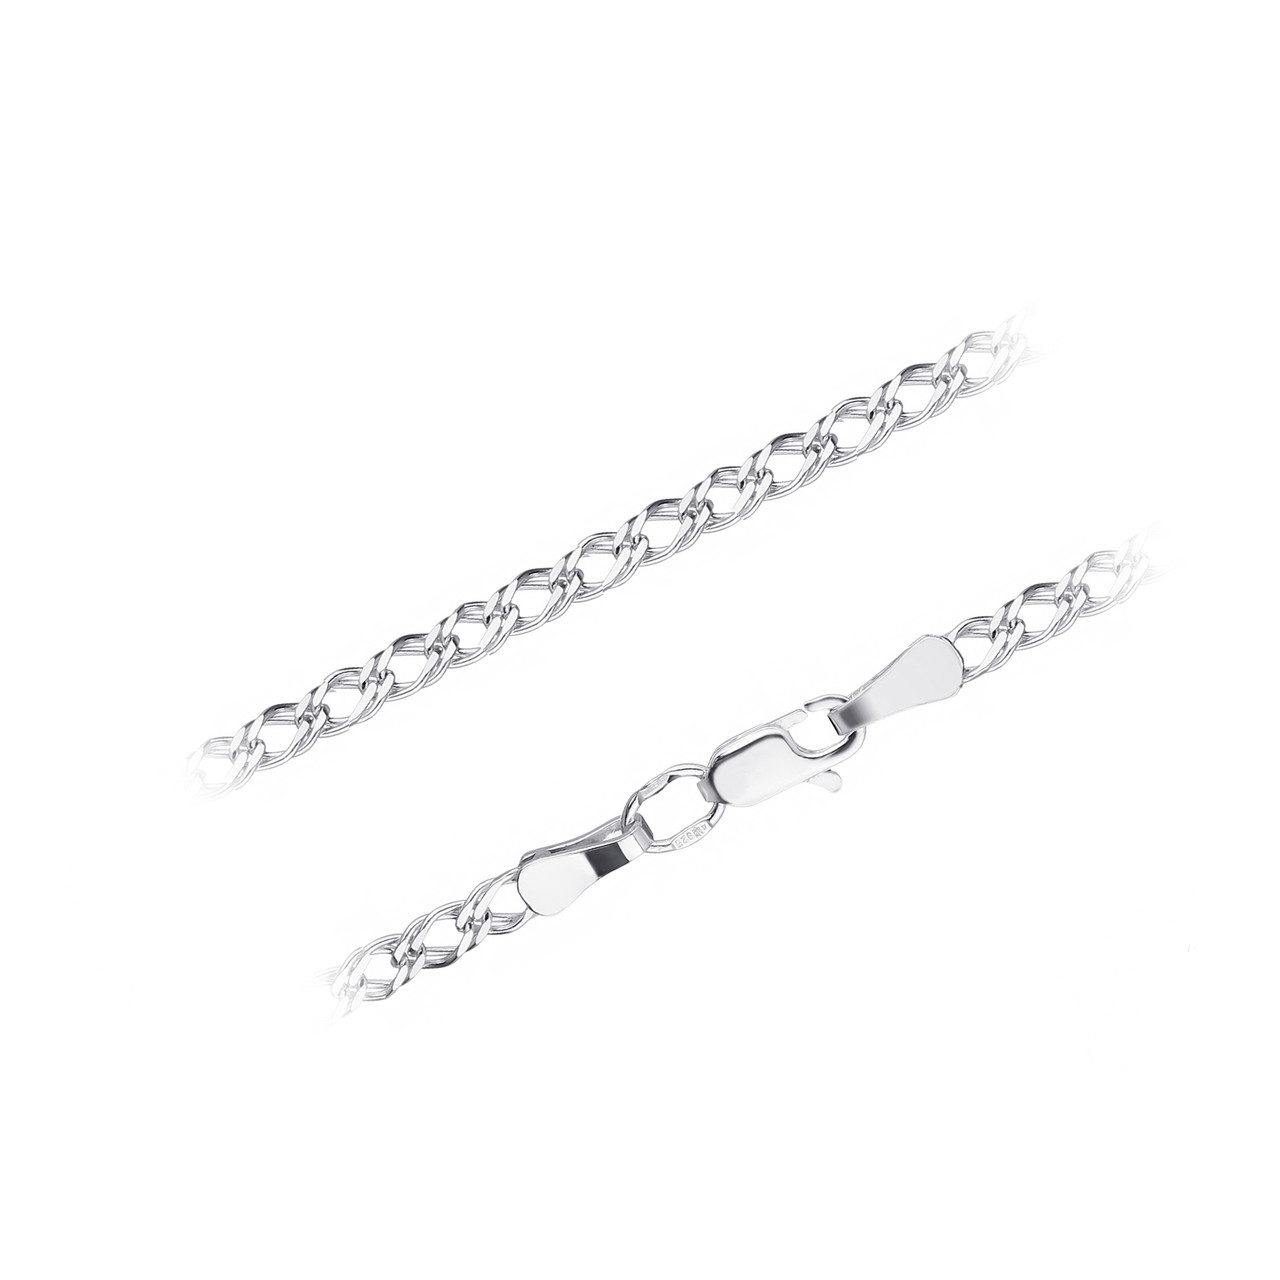 Серебряный браслет ДВОЙНОЙ РОМБ 2 мм размер 18 см